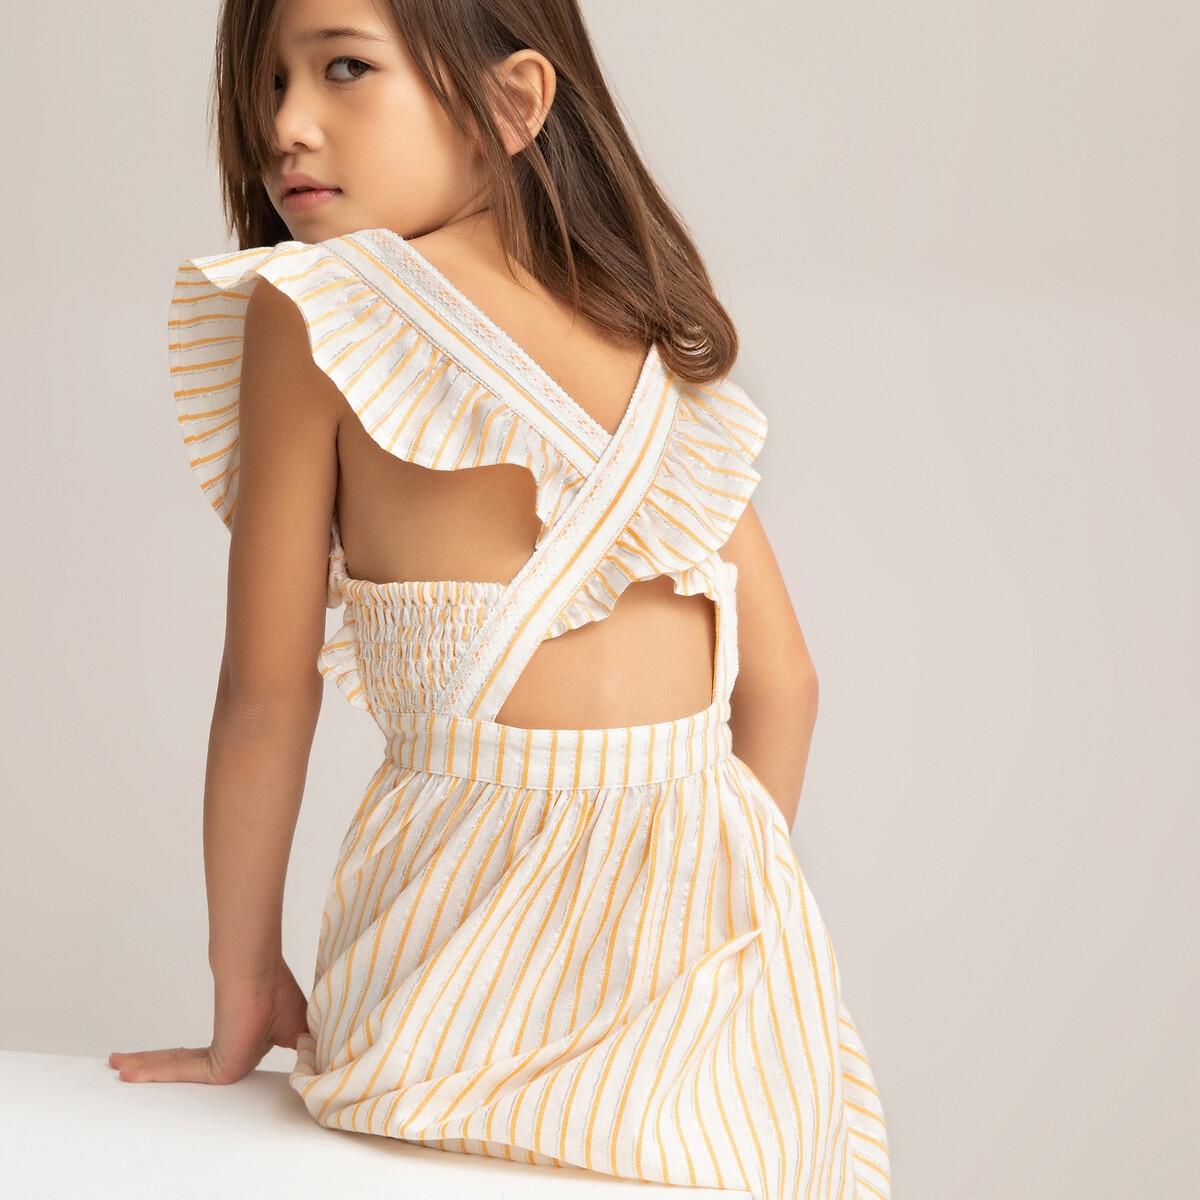 Платье LaRedoute Без рукавов с воланами 3-14 лет 5 лет - 108 см бежевый